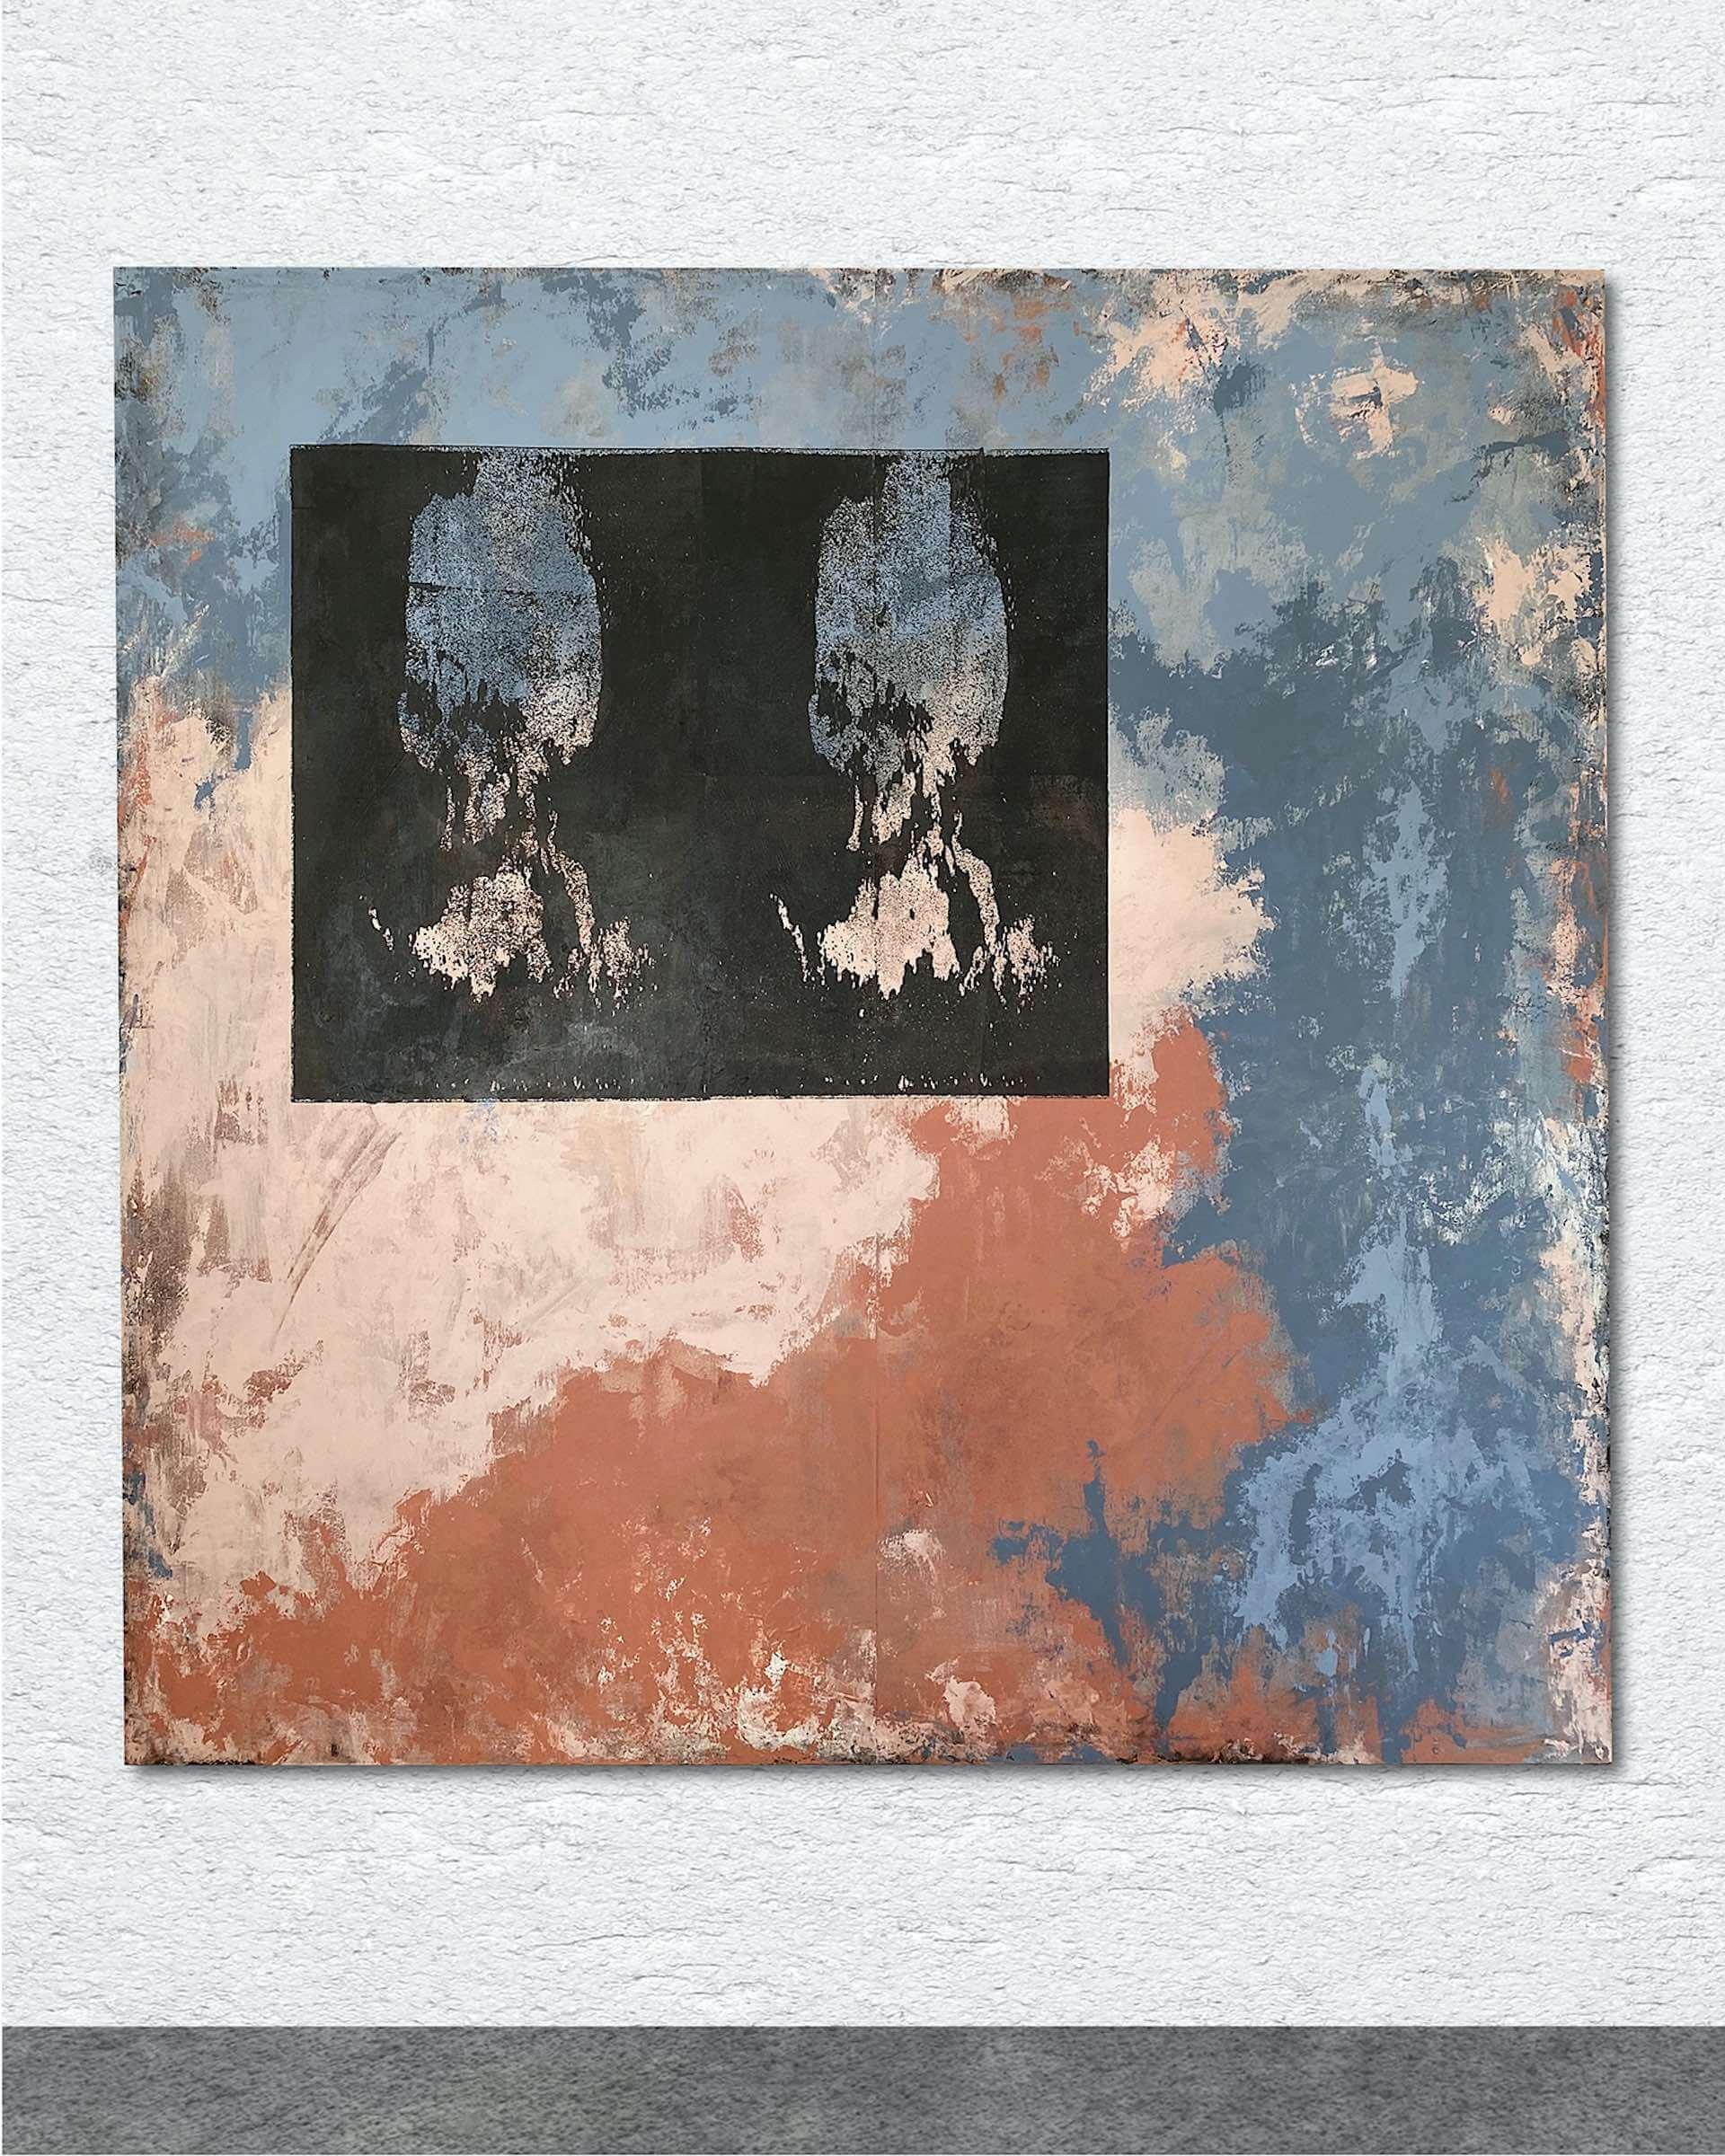 コラージュアーティスト・Yabiku Henrique Yudiの個展<MOTION>がDIESEL ART GALLERYで開催決定!30点以上の新作を展示 art210208_yabiku-henrique-yudi_5-1920x2400